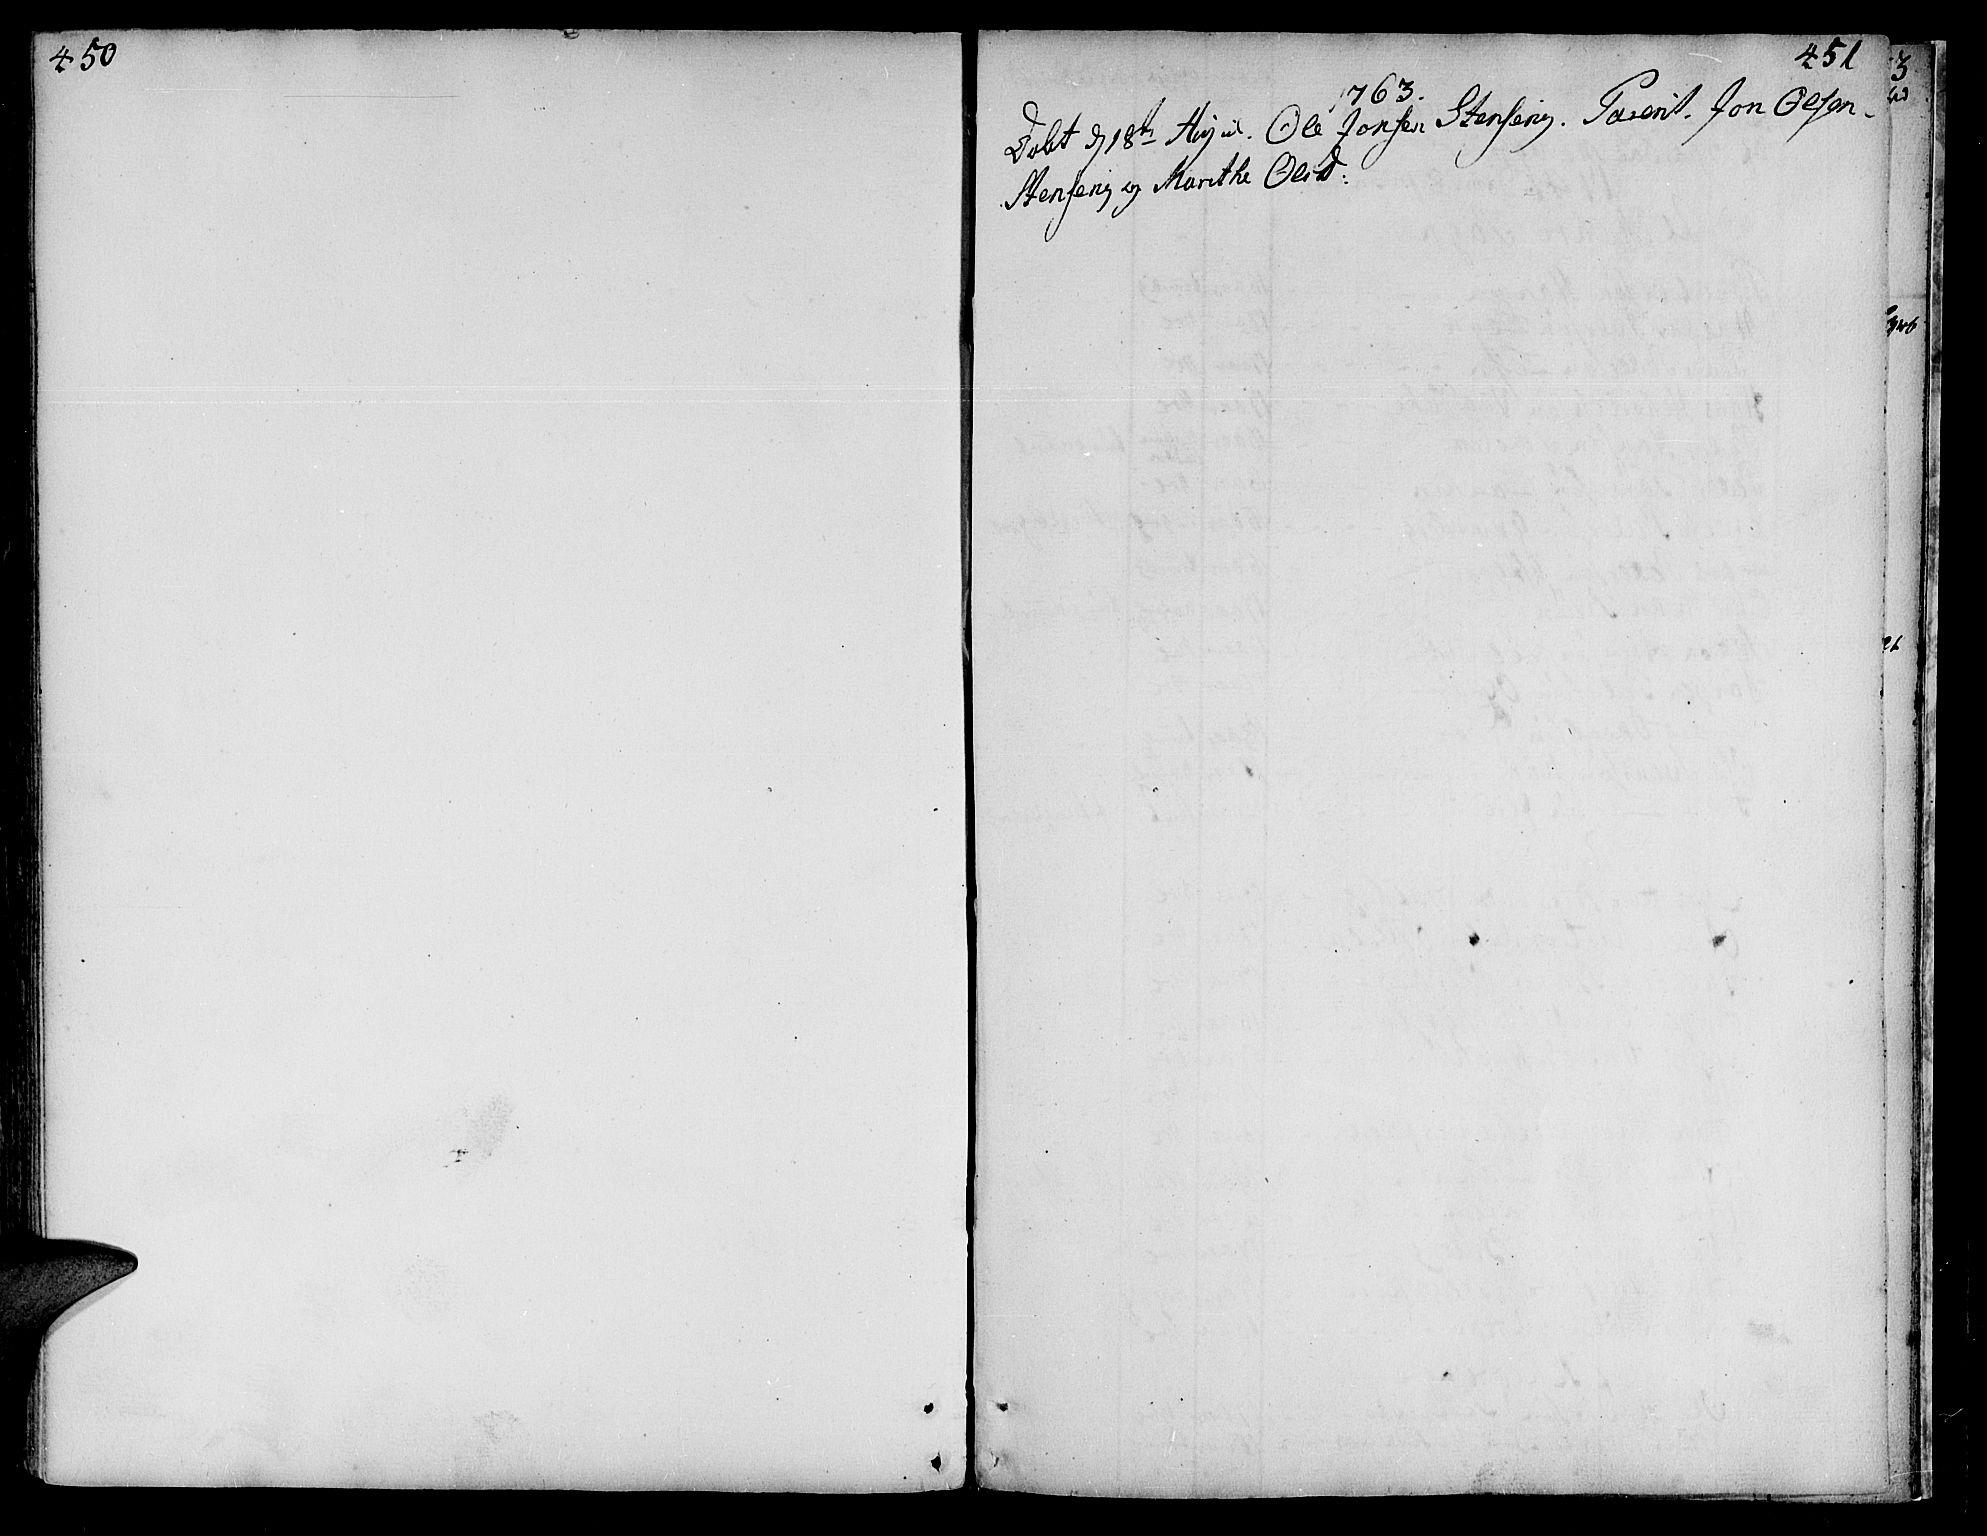 SAT, Ministerialprotokoller, klokkerbøker og fødselsregistre - Nord-Trøndelag, 735/L0330: Parish register (official) no. 735A01, 1740-1766, p. 450-451